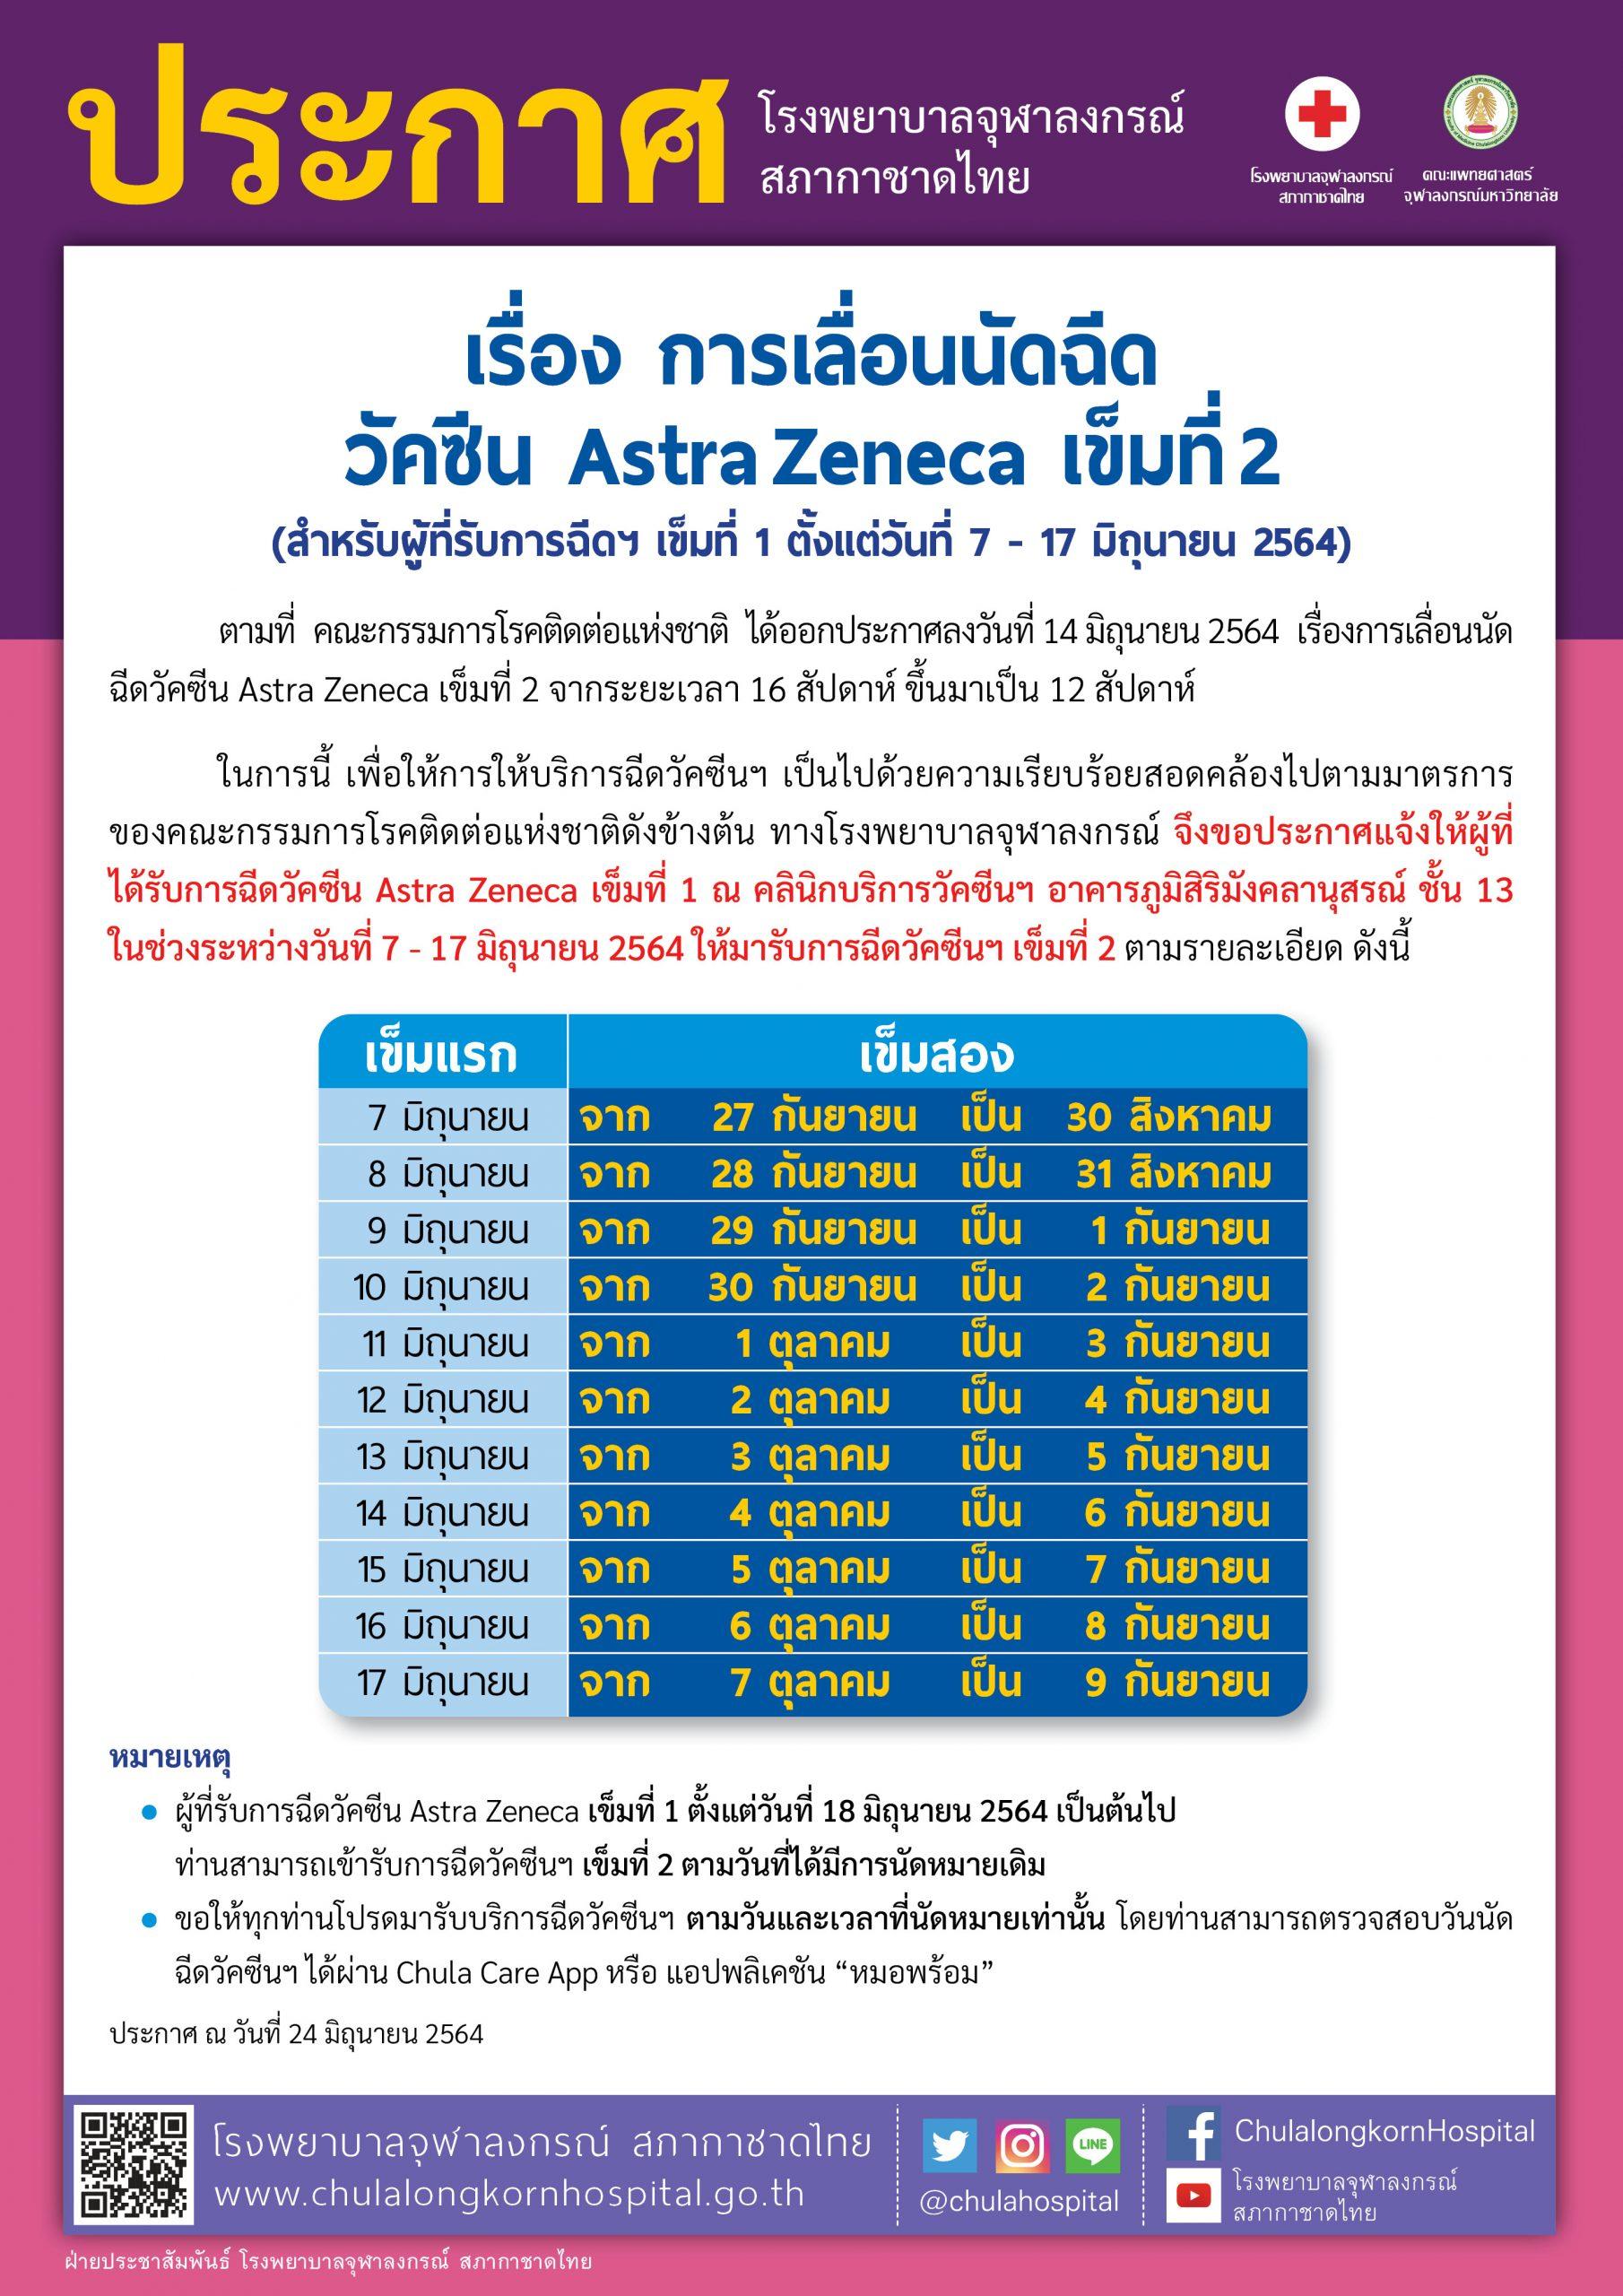 การเลื่อนนัดฉีด วัคซีน Astra Zeneca เข็มที่ 2 (สำหรับผู้ที่รับการฉีดฯ เข็มที่ 1 ตั้งแต่วันที่ 7 – 17 มิถุนายน 2564)